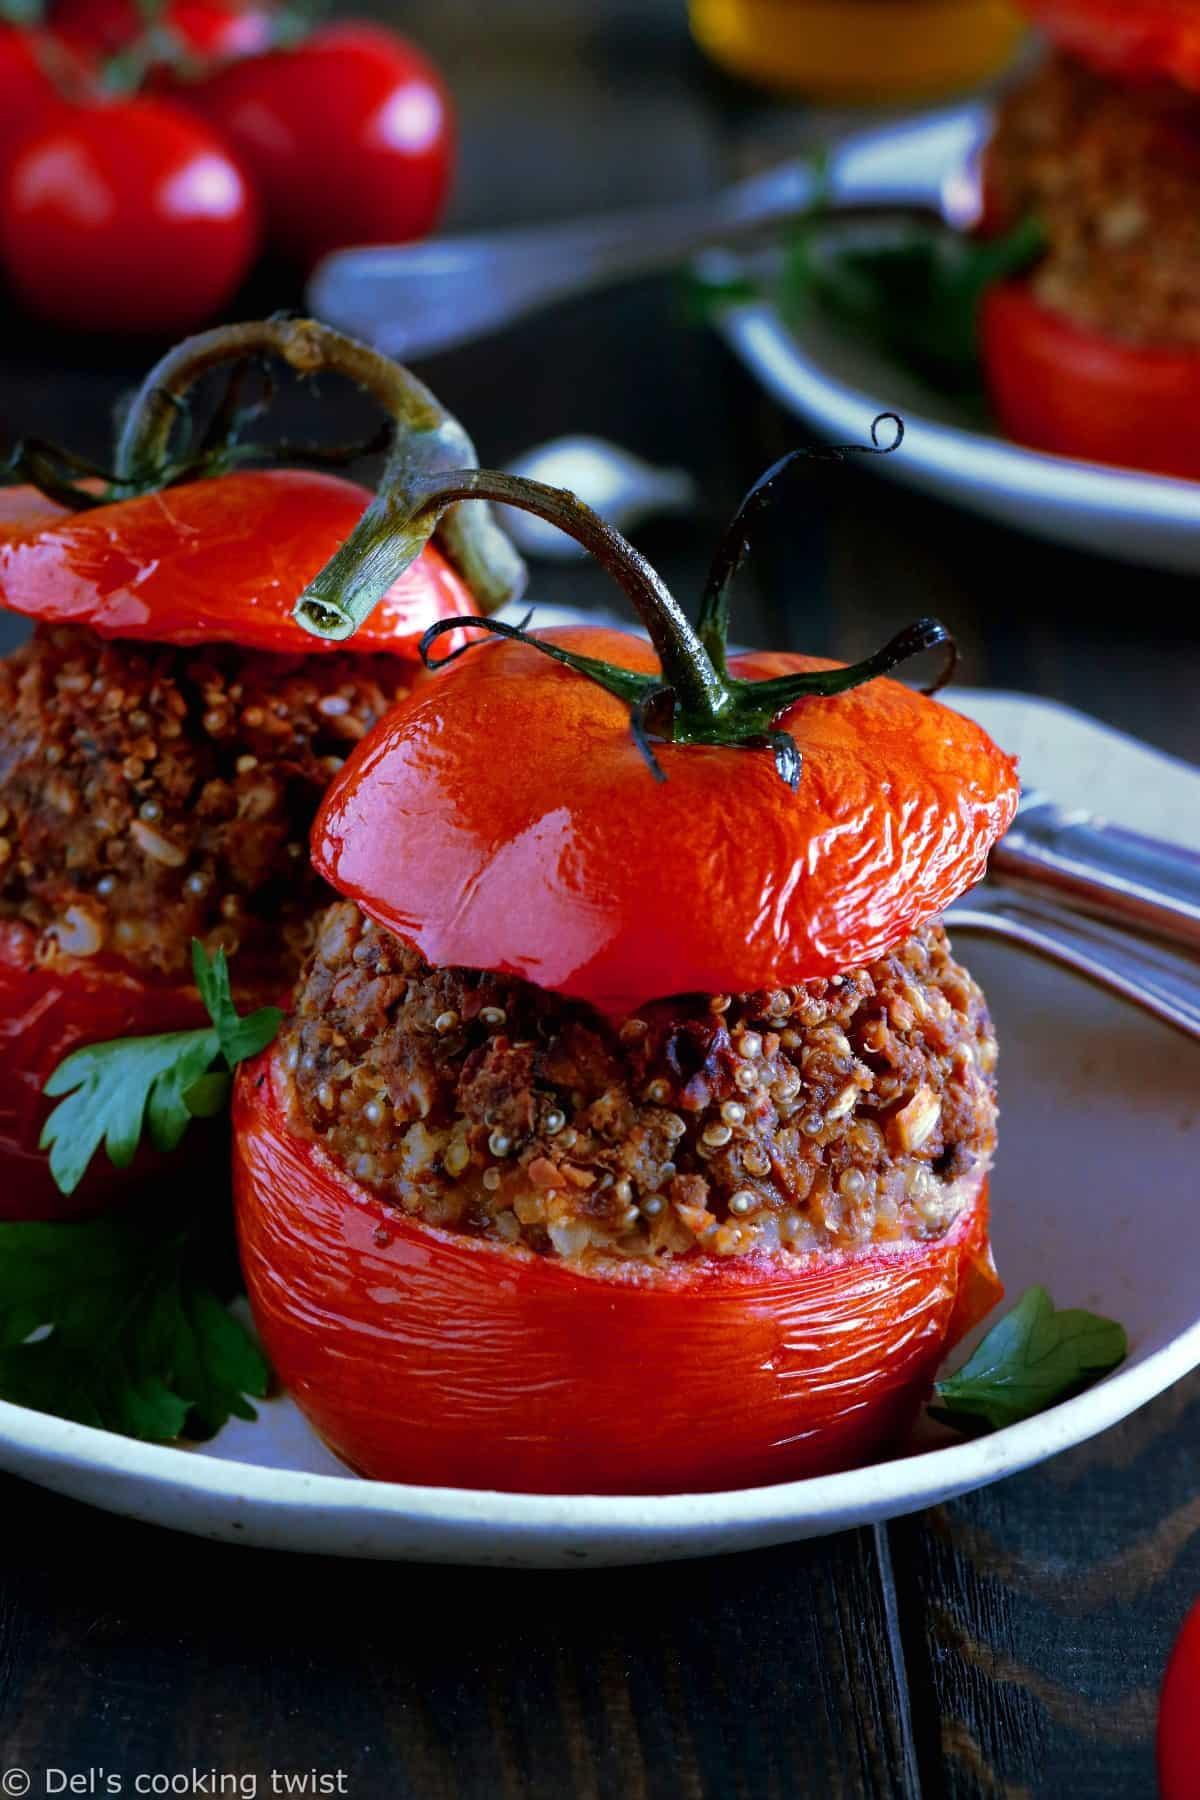 Délicieuses tomates farcies en version vegan, avec des pois chiches, du quinoa et des tomates séchées. Le résultat ? Des tomates juteuses, une farce aux saveurs méditerranéennes et un plat à la fois sain, nourrissant et complet.